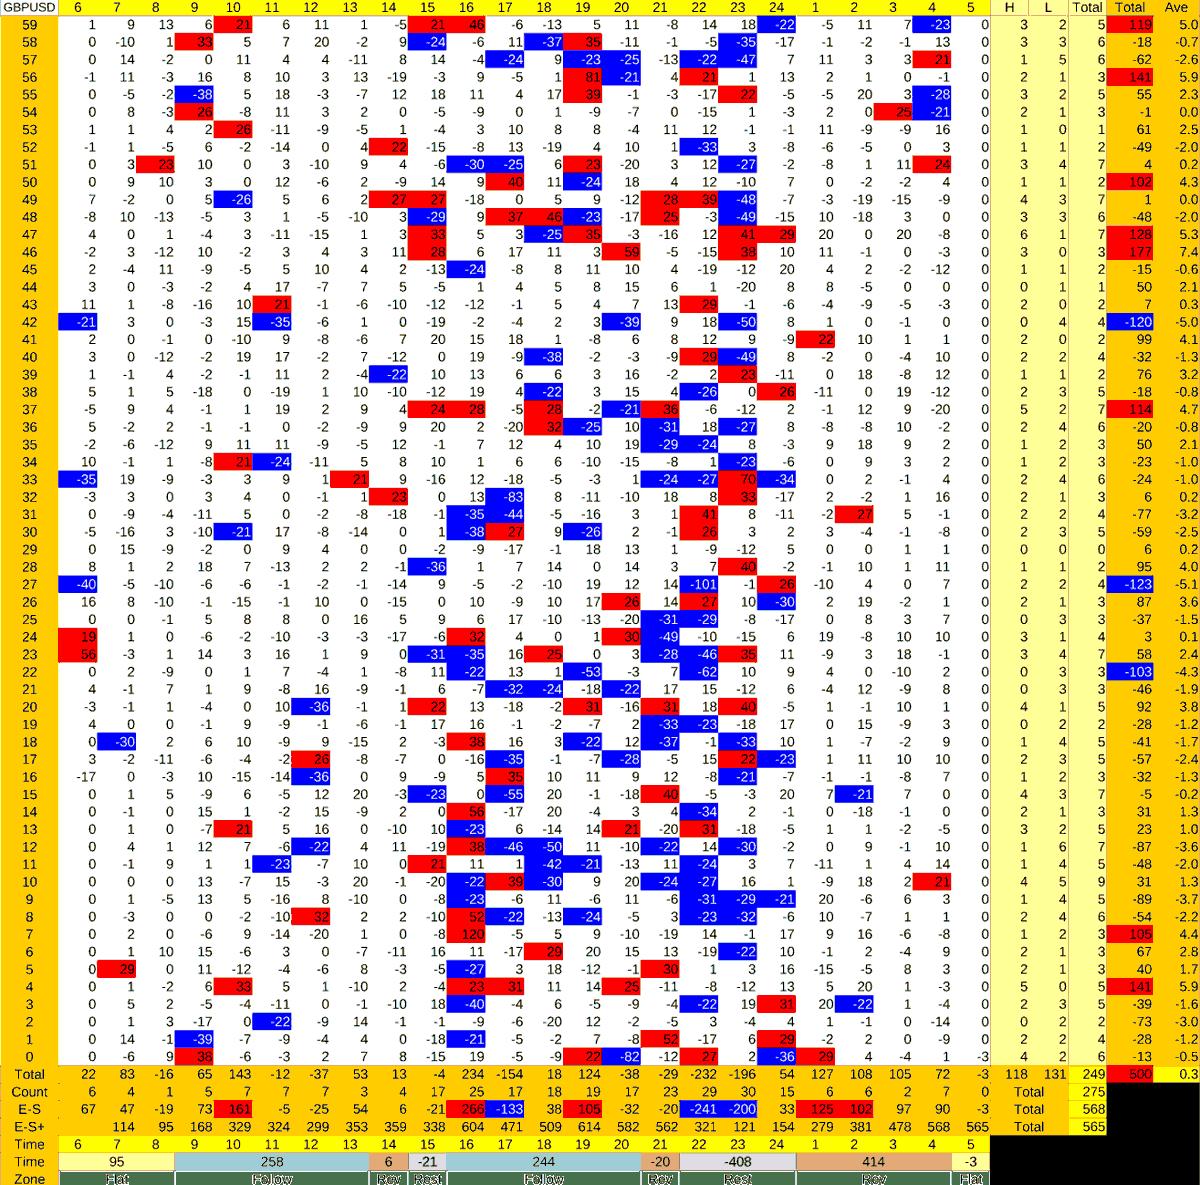 20210423_HS(2)GBPUSD